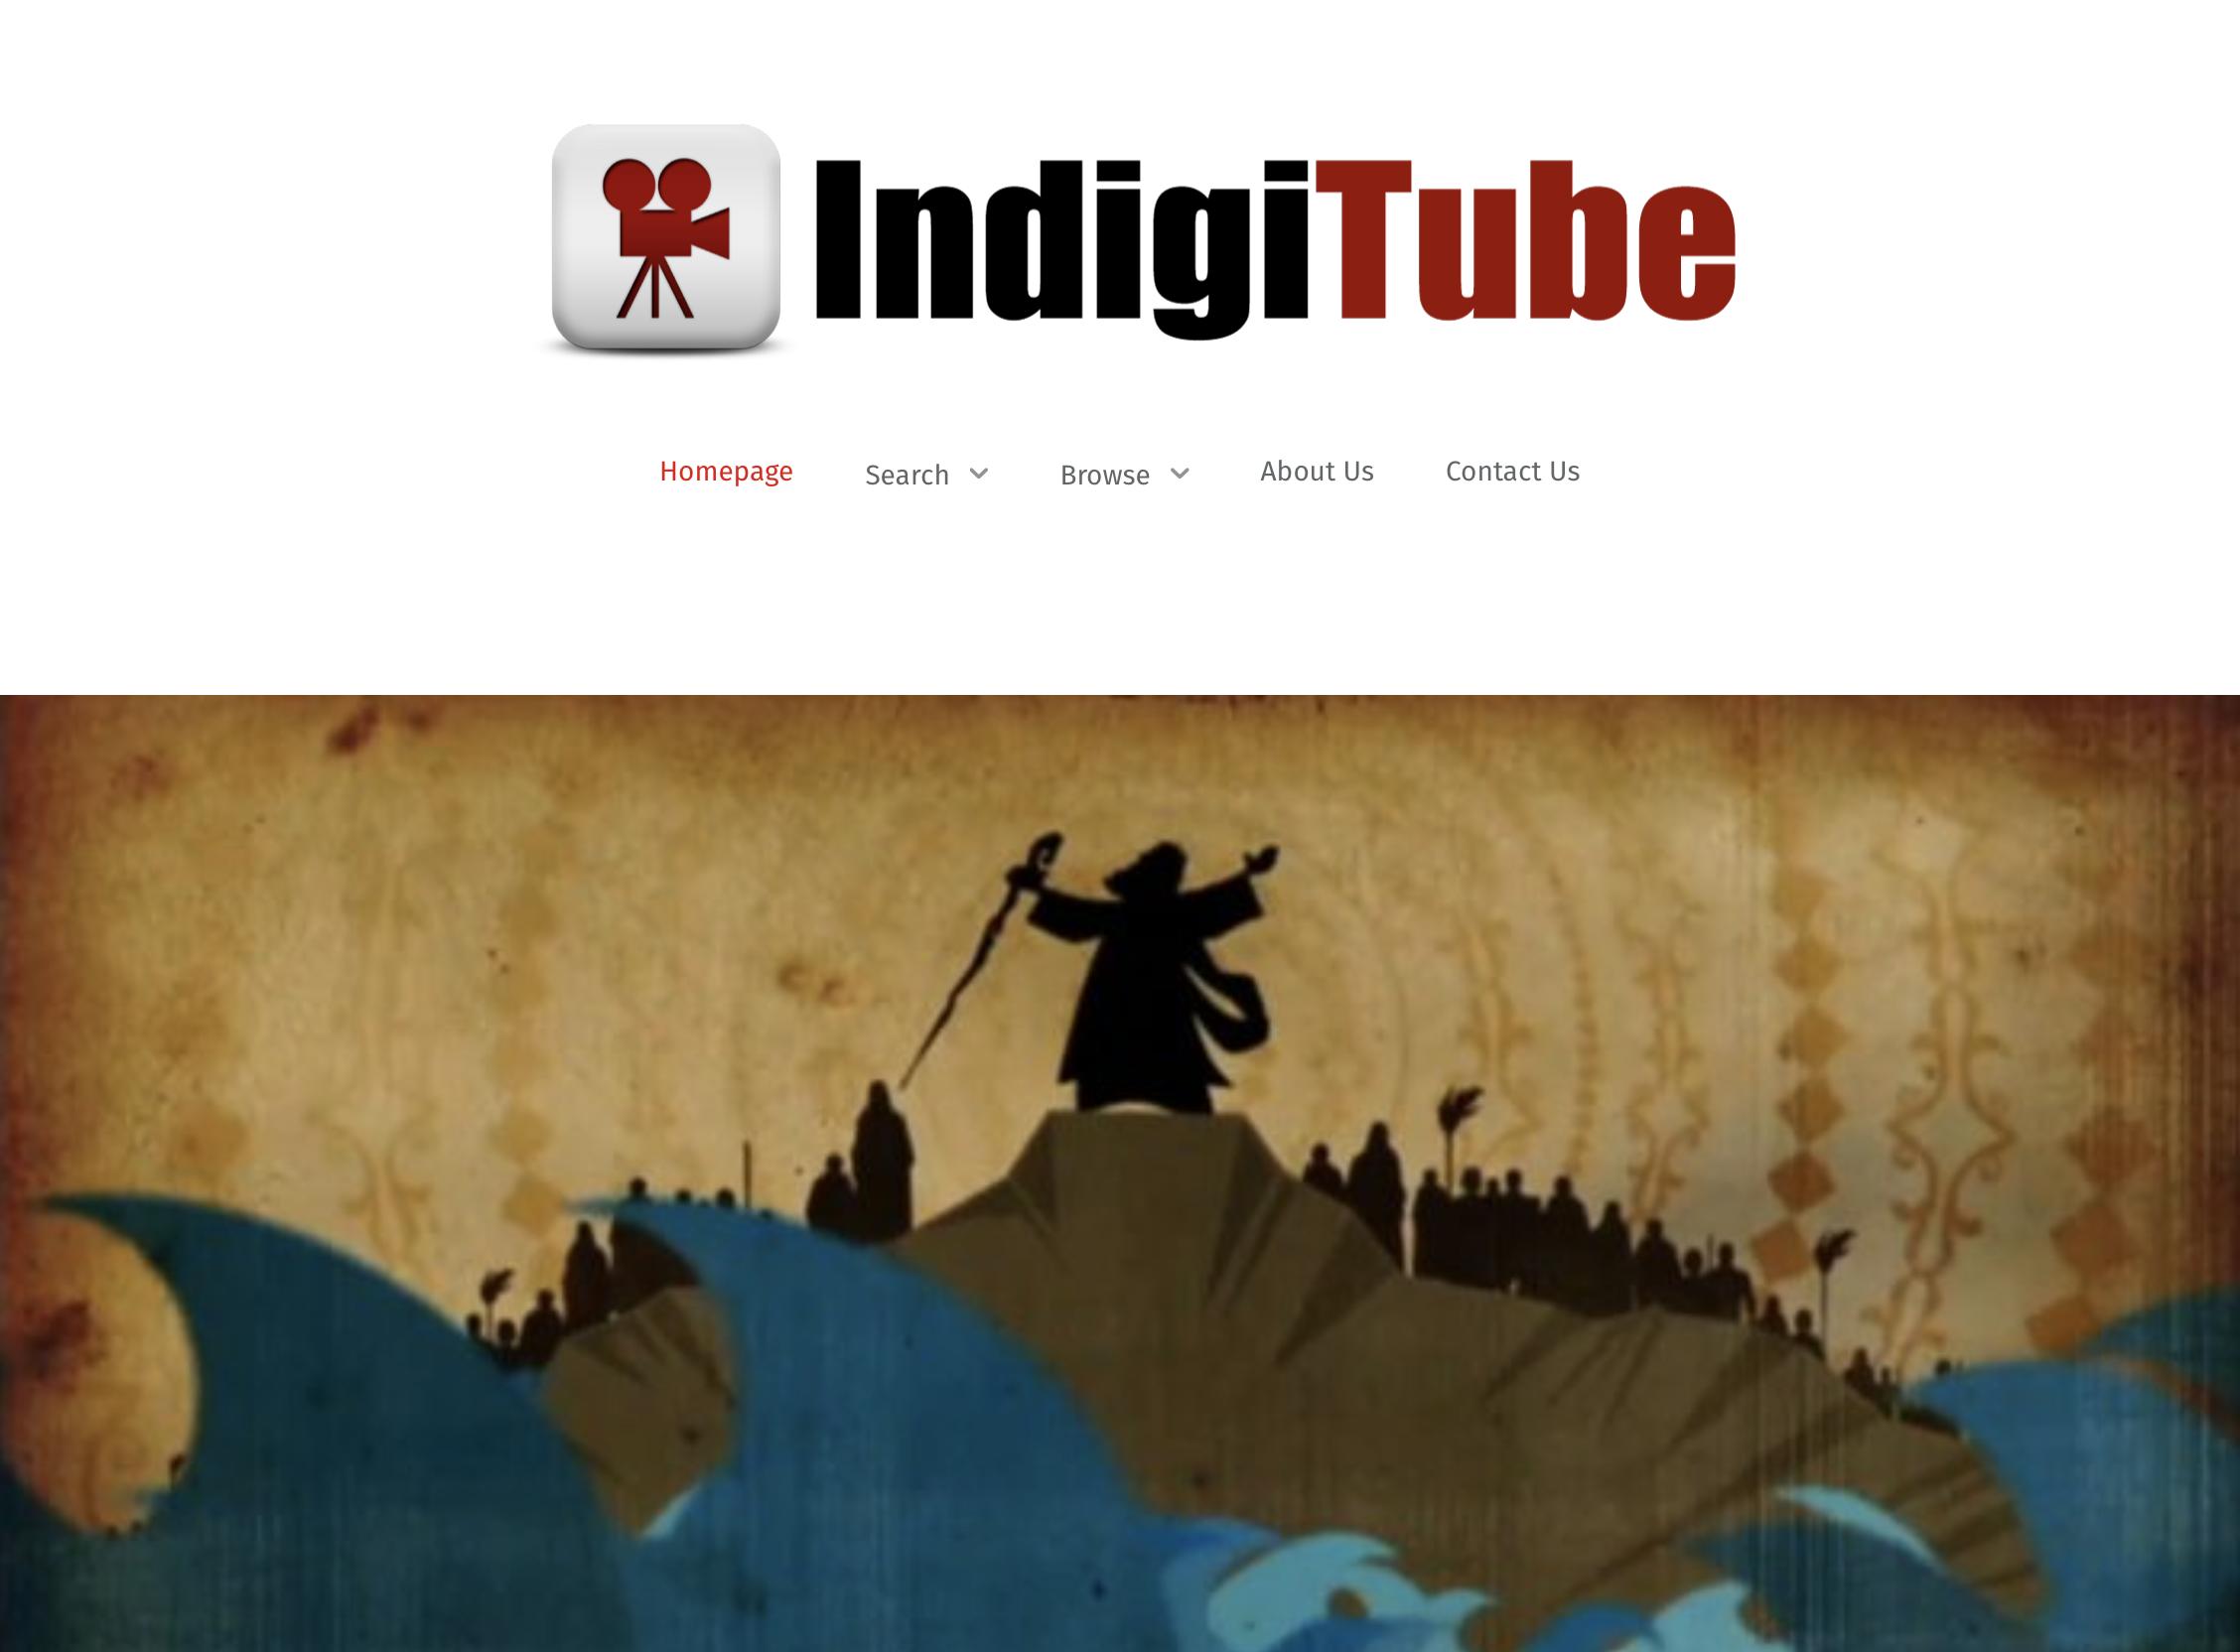 Weblink to IndigiTube Website